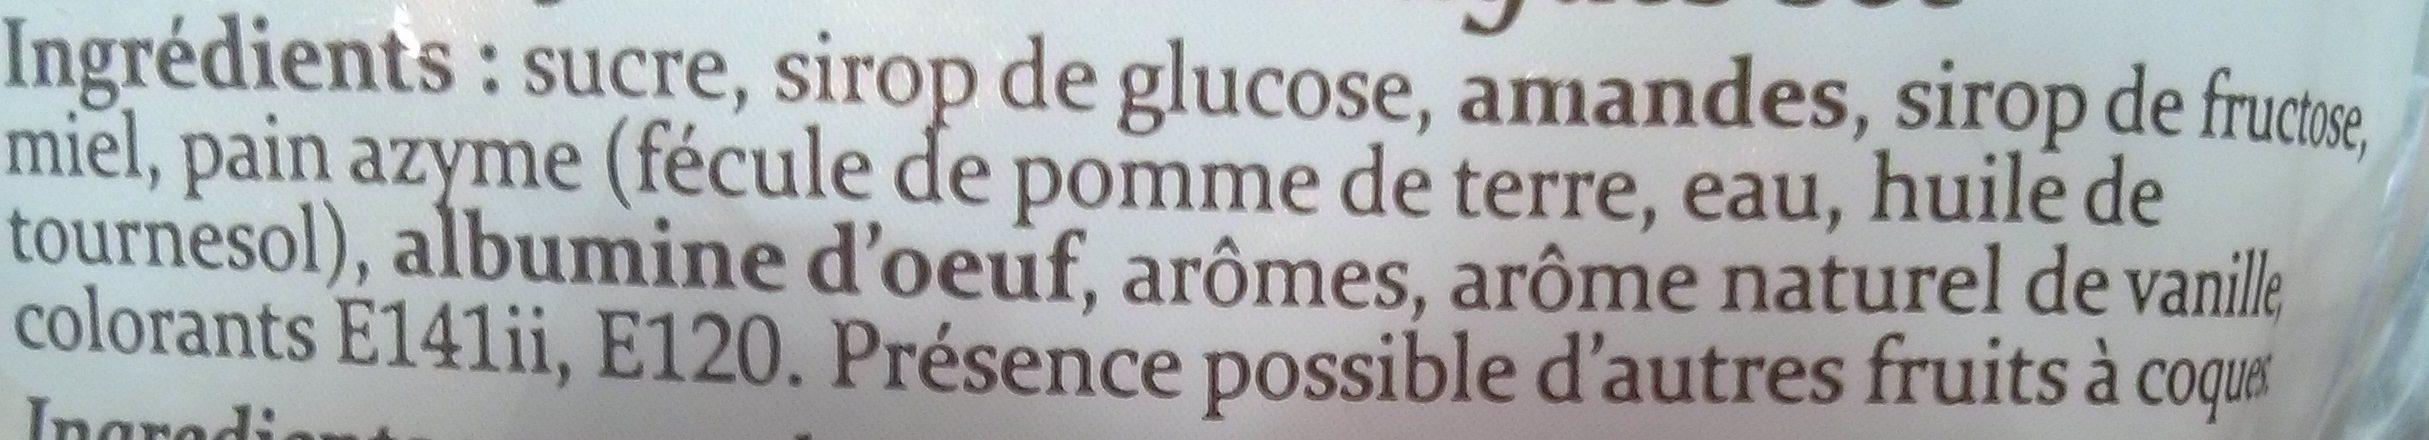 Nougat - Ingrediënten - fr